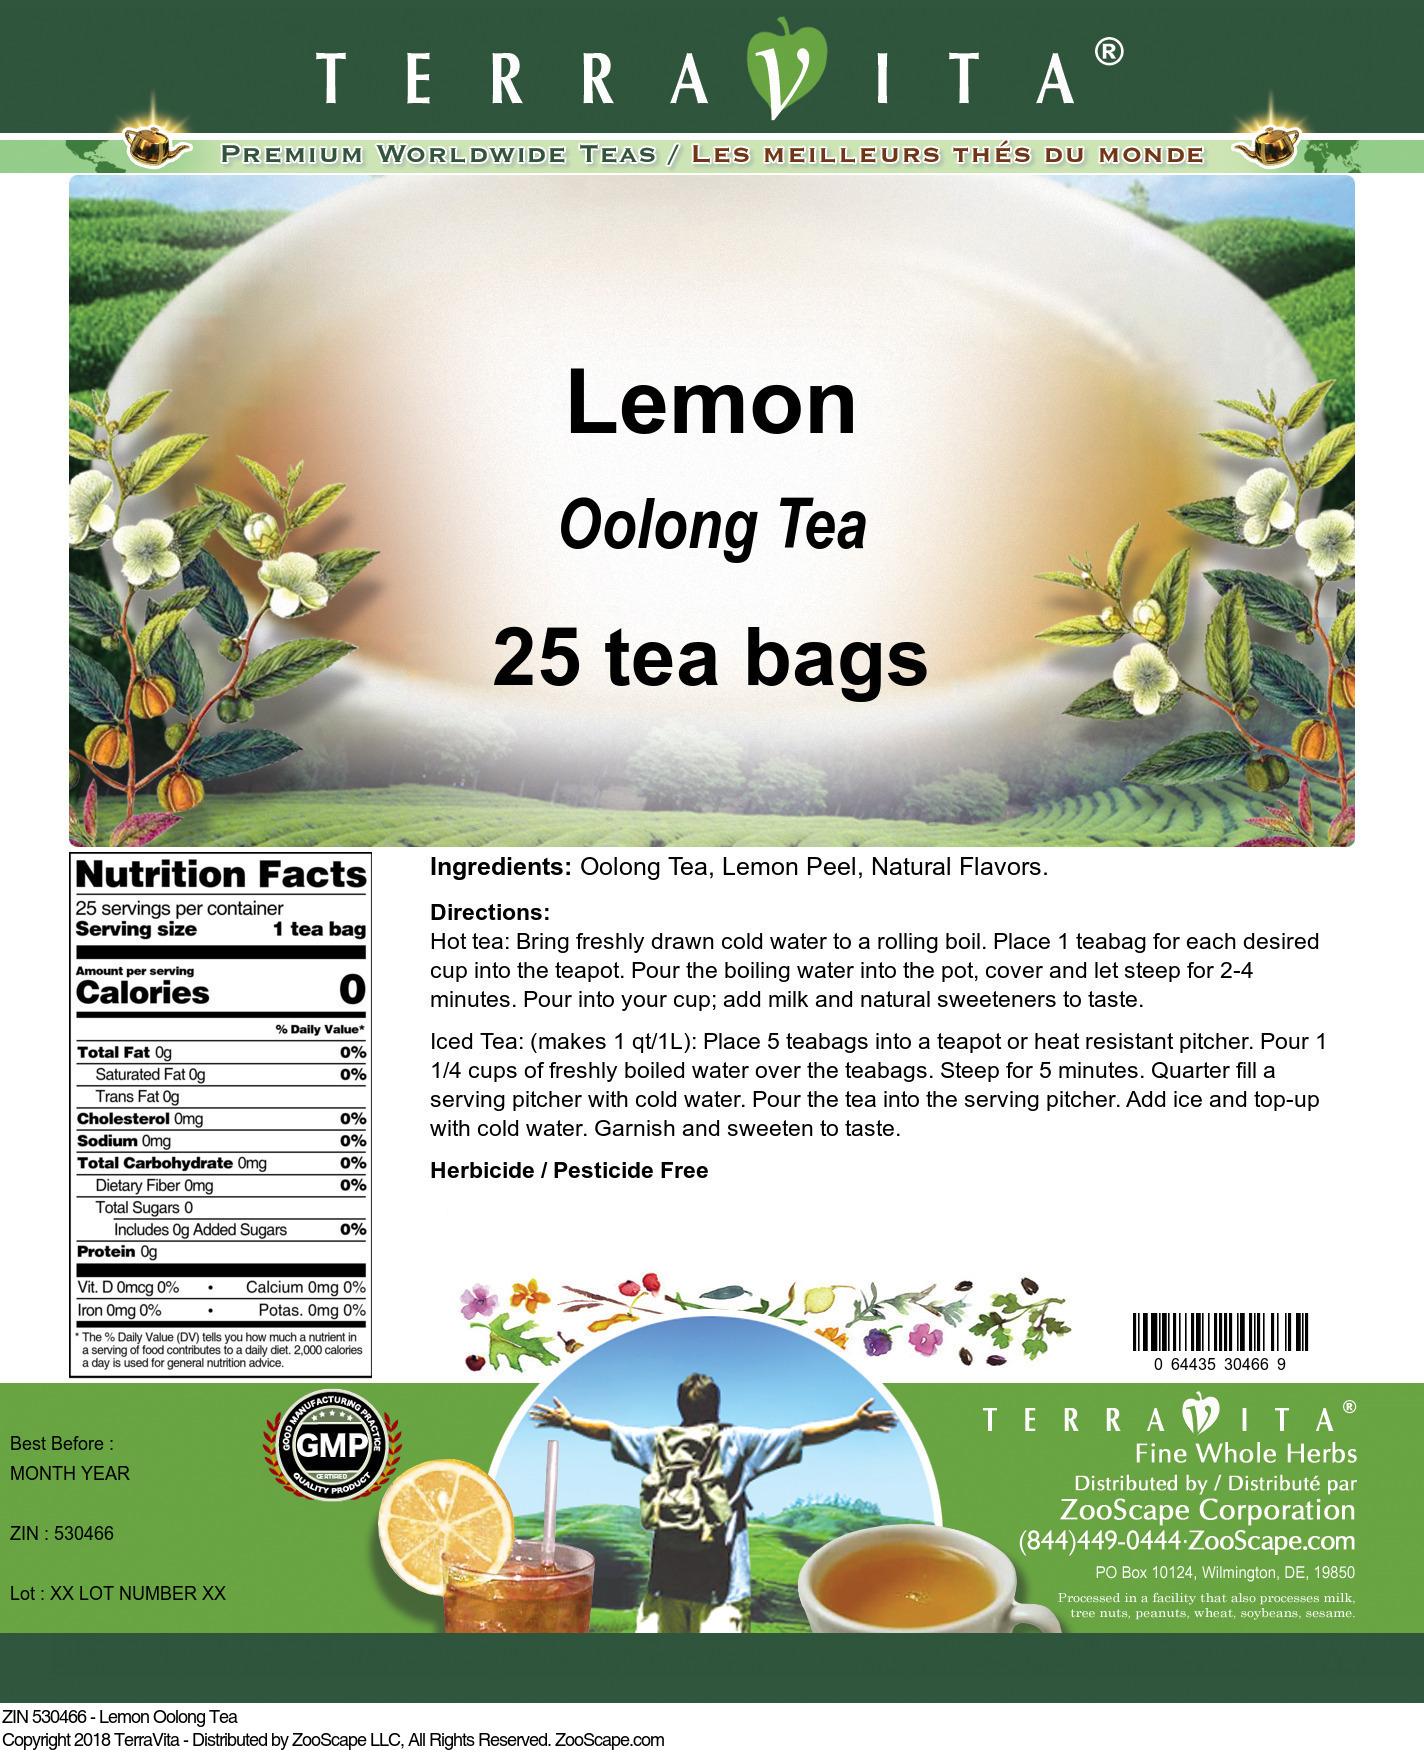 Lemon Oolong Tea